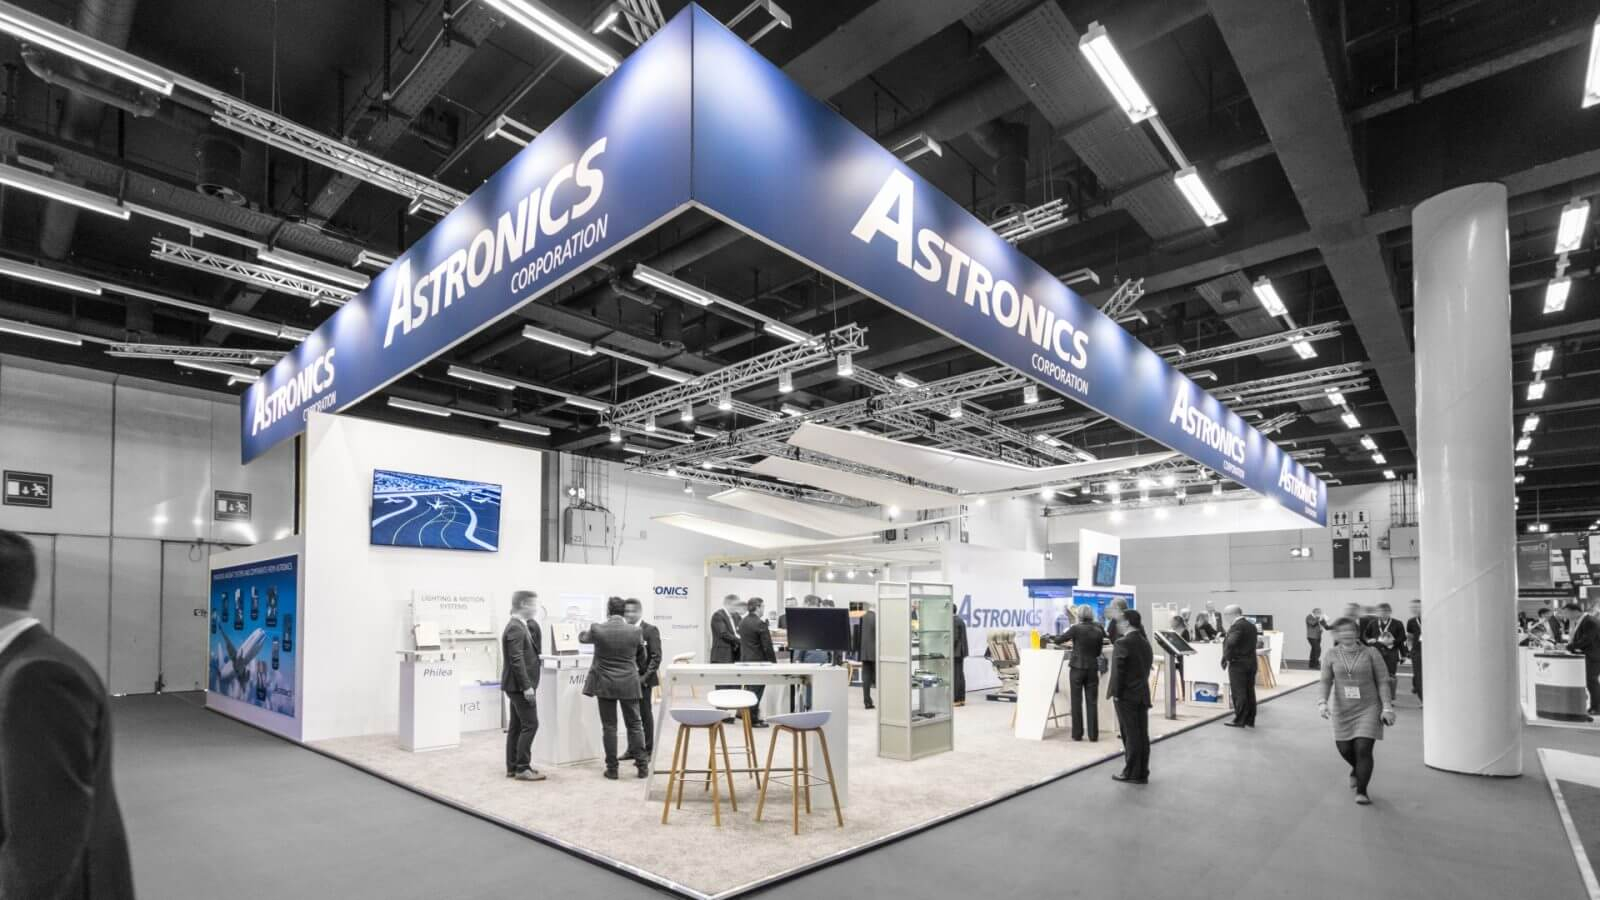 Astronics, 295 m², AIX